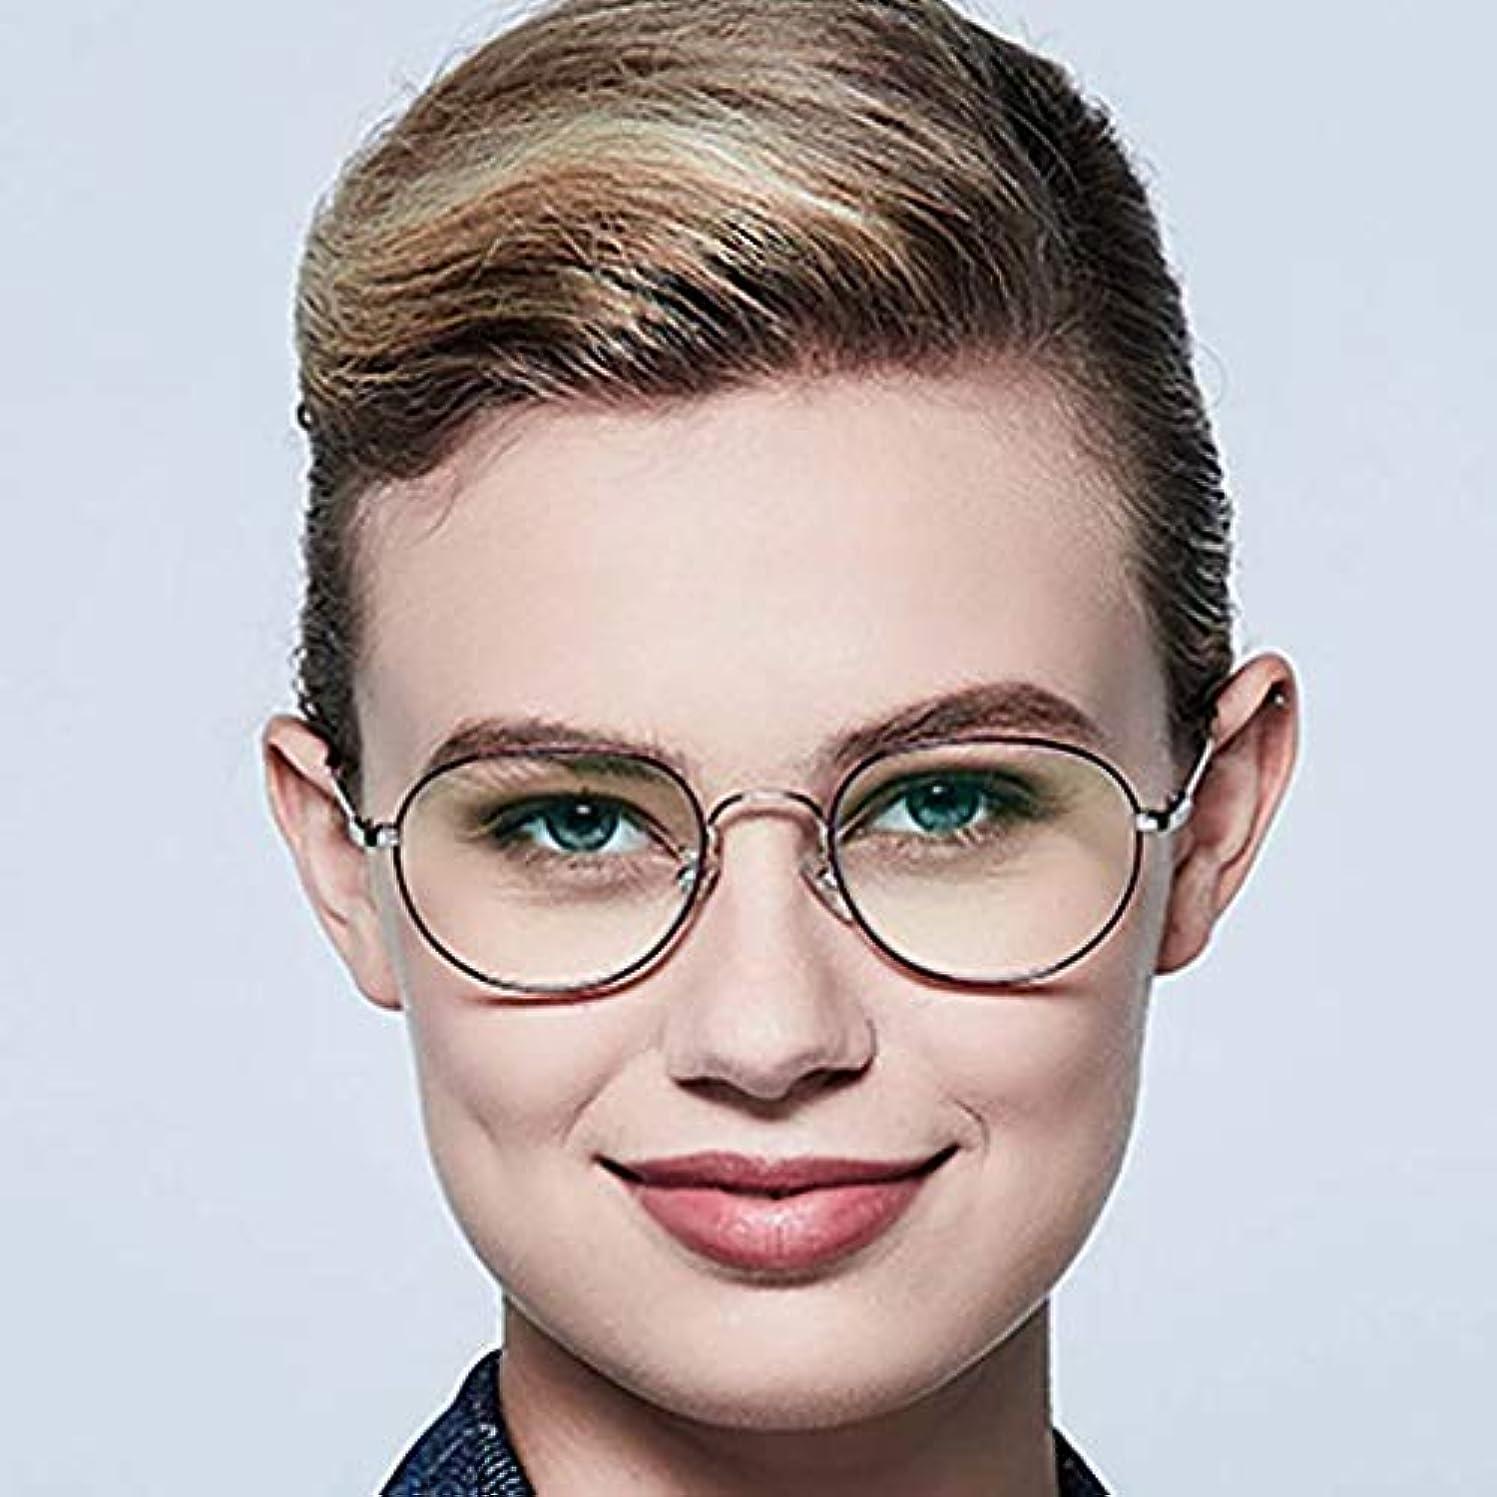 代わりにオプショナルコスチューム反青の光 老眼鏡 女性のため,近くと遠くのデュアル使用, 抗疲労 Hd スマートな読者 軽量 眼鏡ケースと ファッション-赤 +2.5